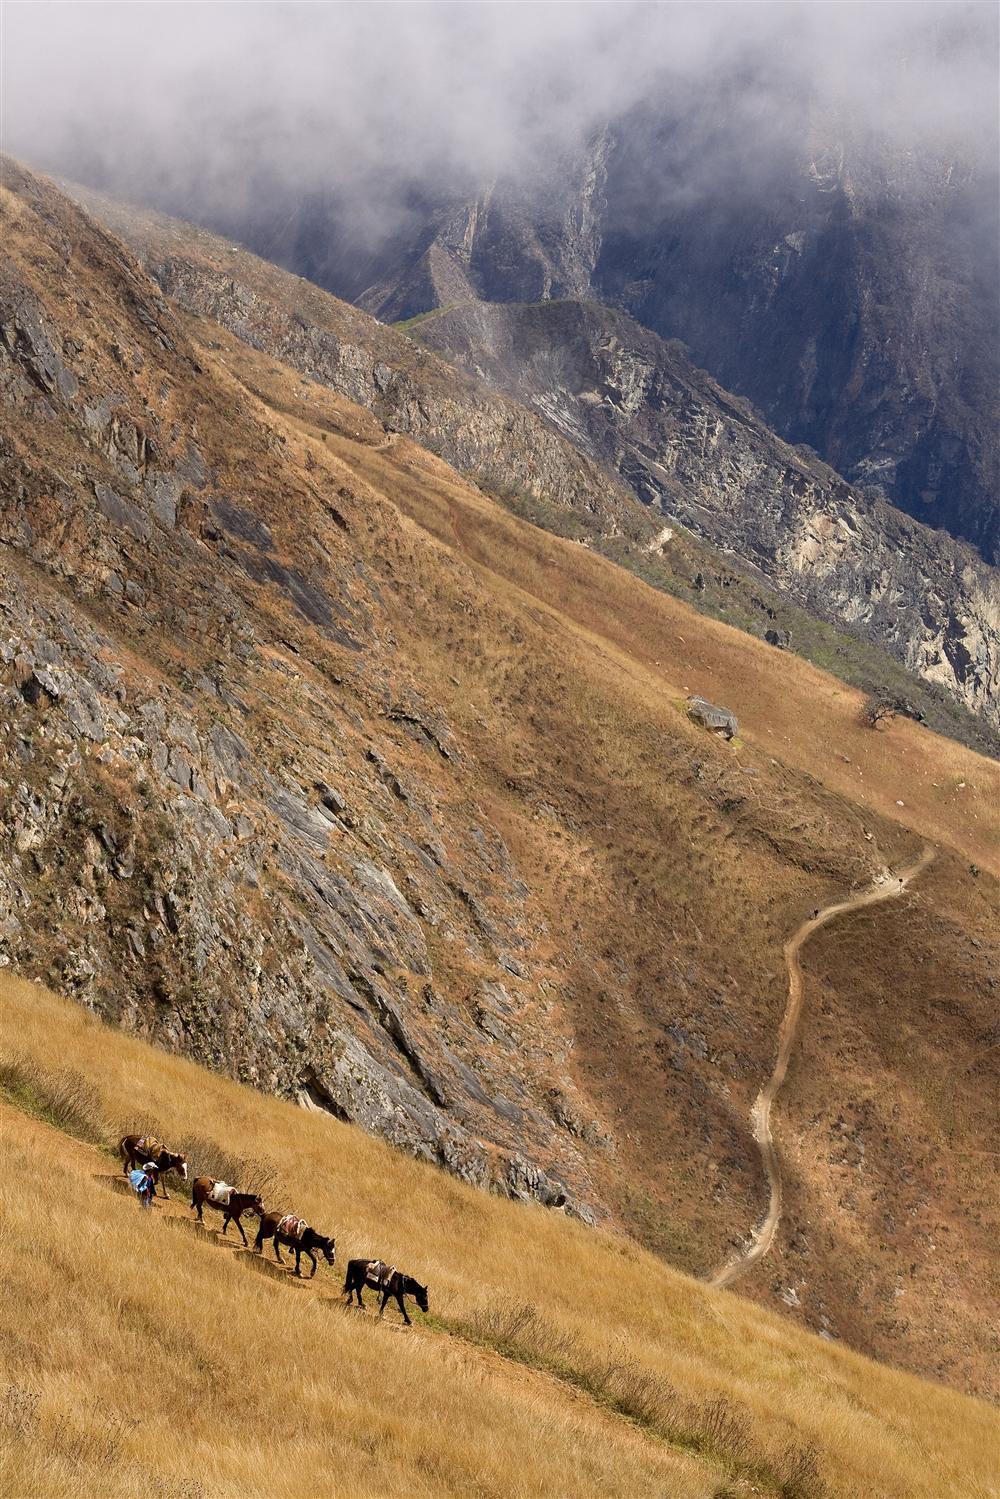 https://i.ibb.co/7gn1s44/Caminos-del-Inca.jpg